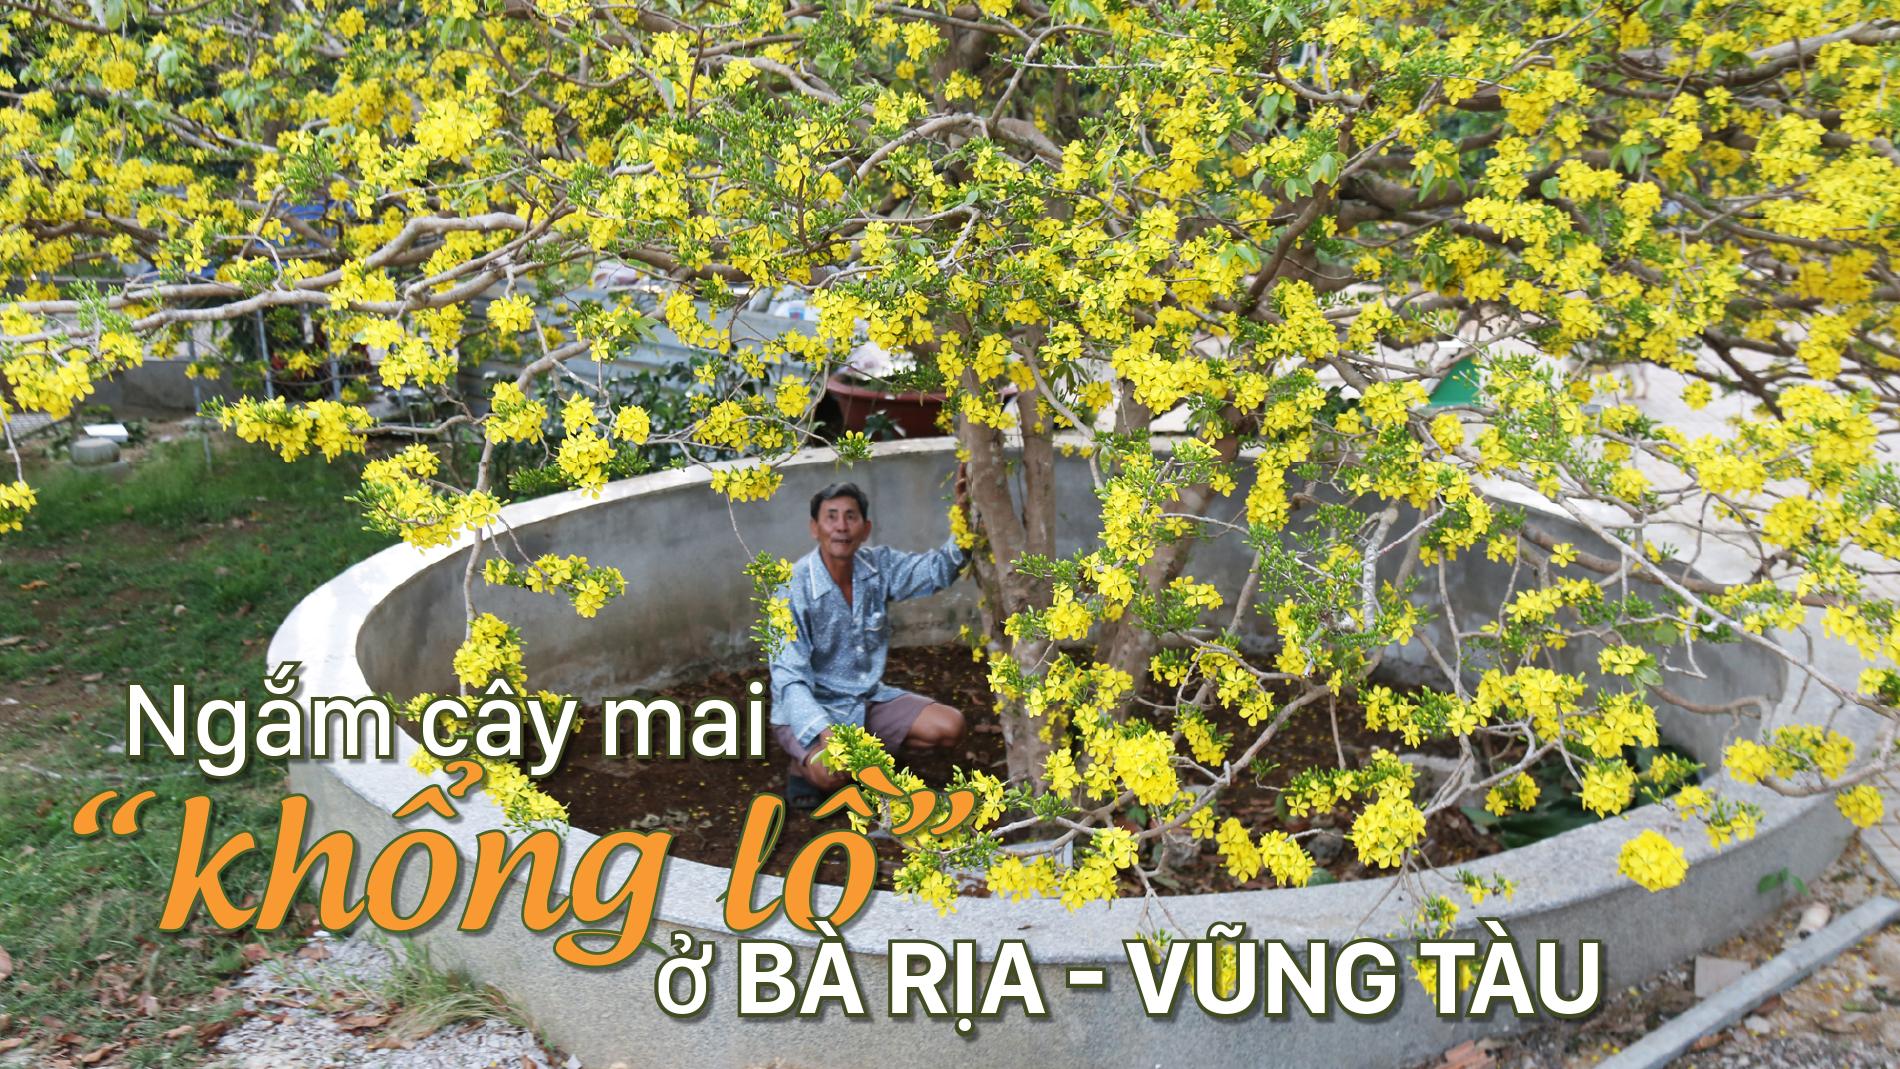 """Ngắm cây mai """"khổng lồ"""" ở Bà Rịa - Vũng Tàu"""